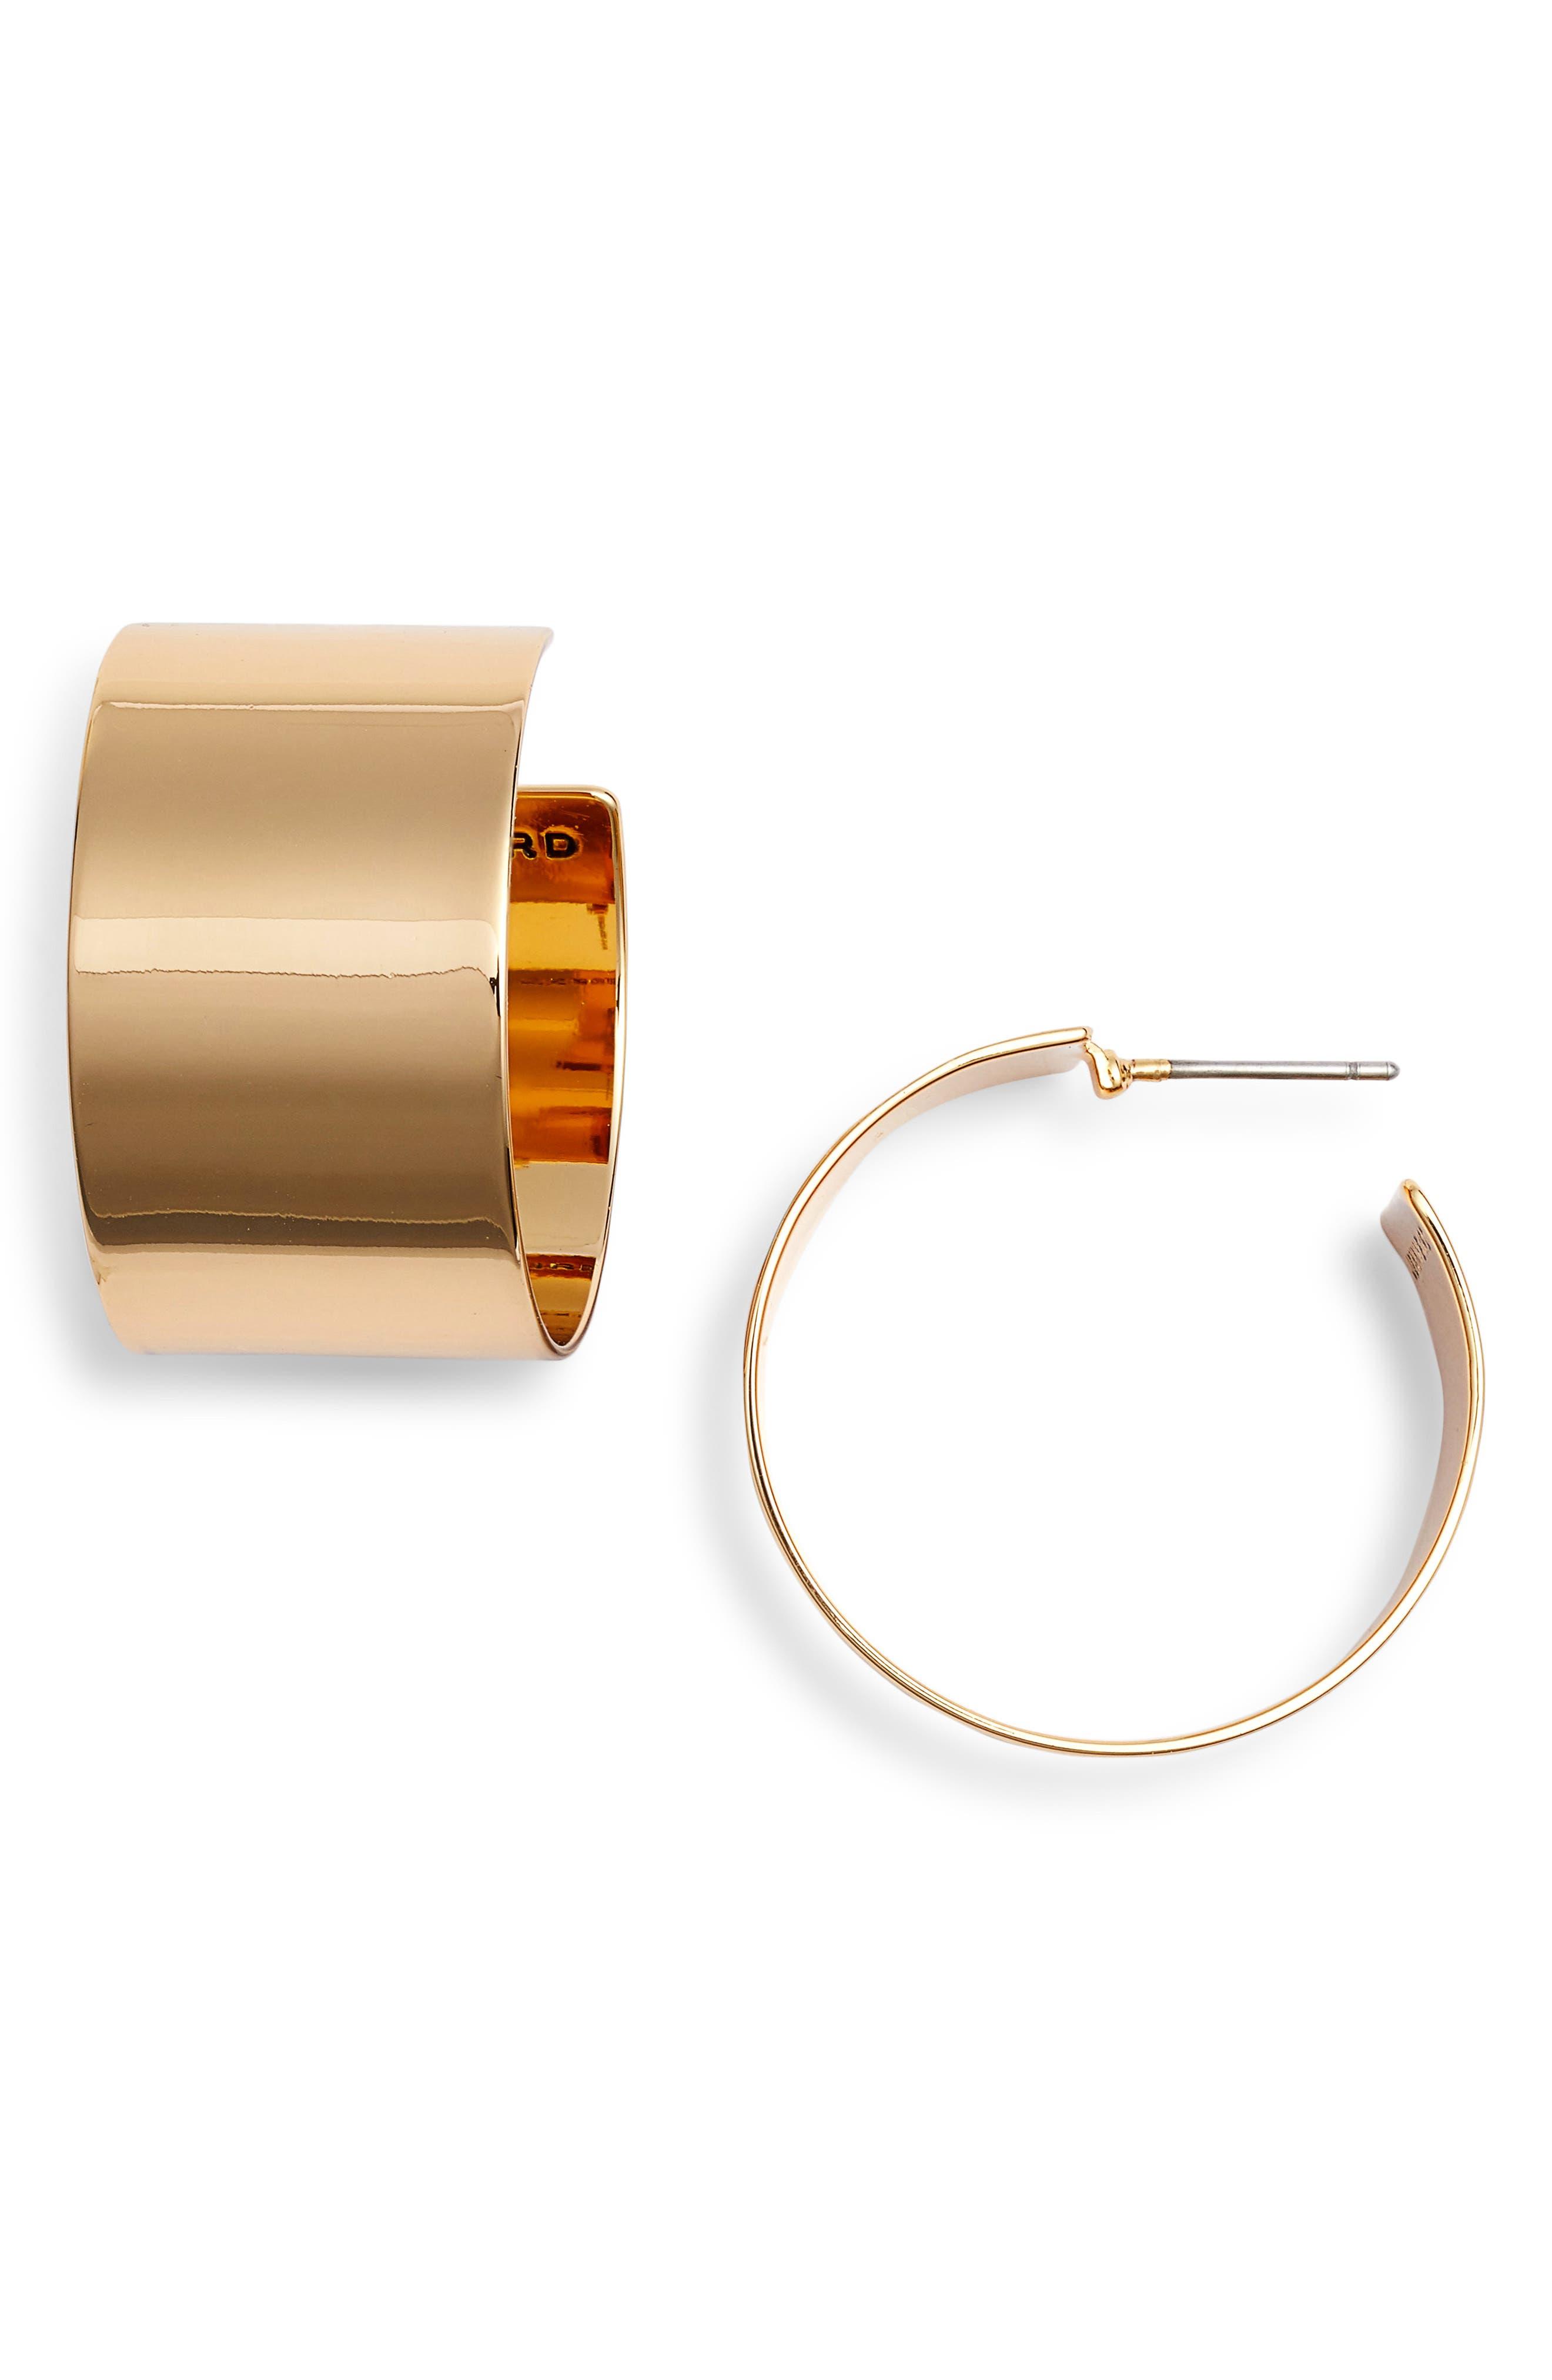 JENNY BIRD Fundamentals Hoop Earrings in Gold